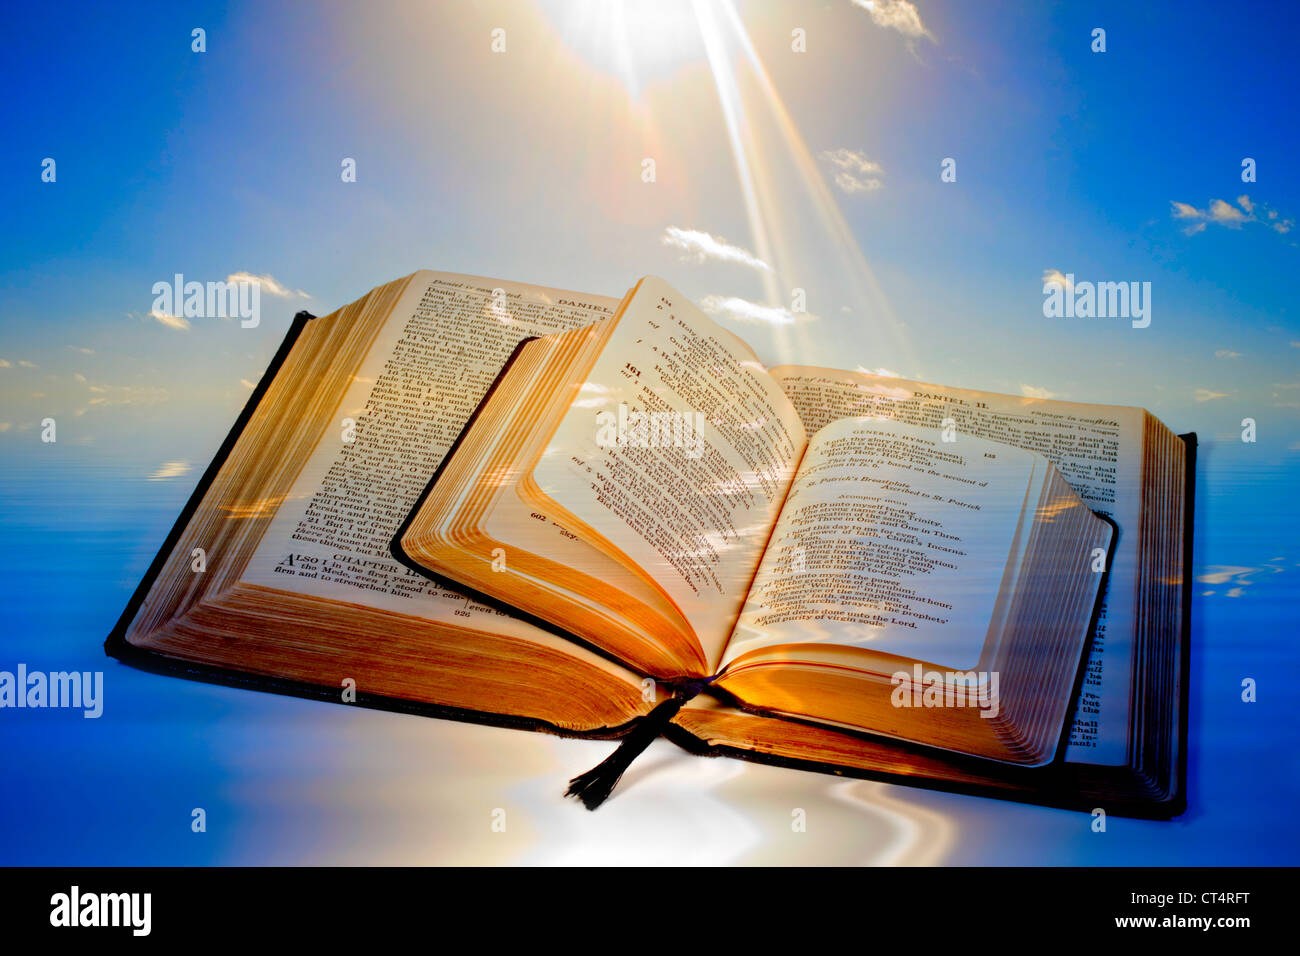 Sainte Bible et livre de prières, à la fois ouvert avec un fond de rayons de lumière frappant la page. Banque D'Images